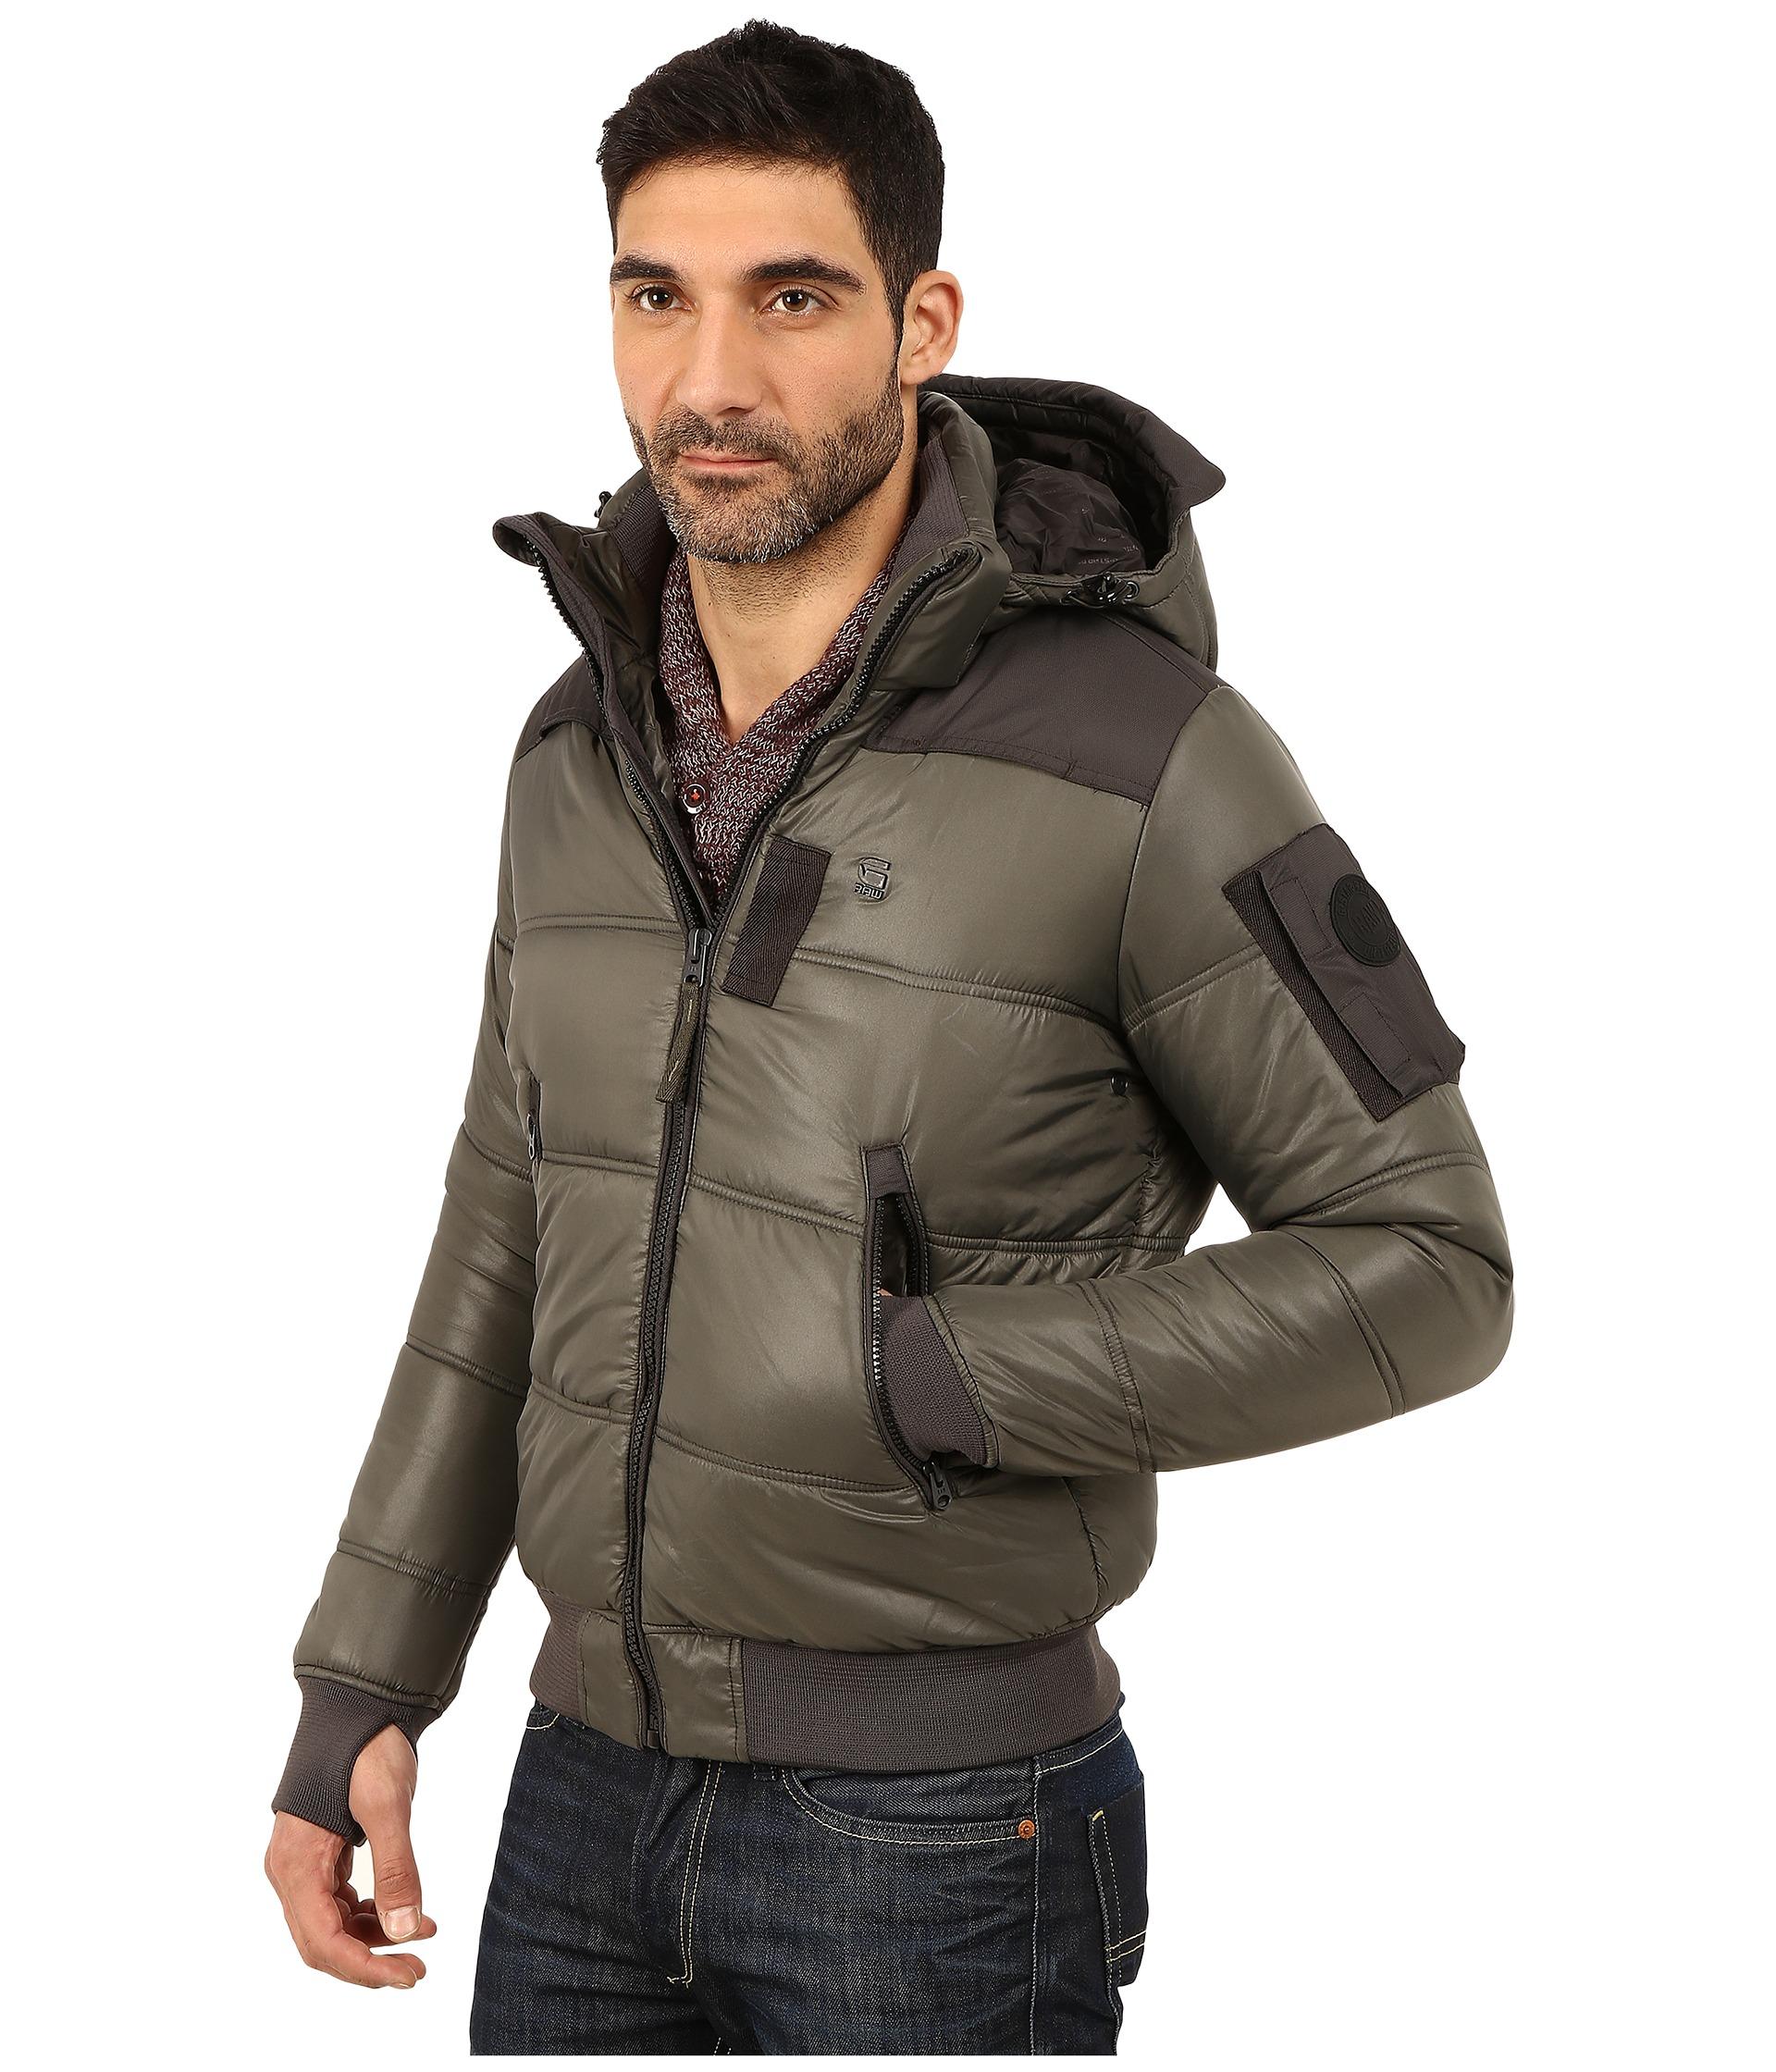 G-Star Whistler Hooded Bomber Jacket $200.00